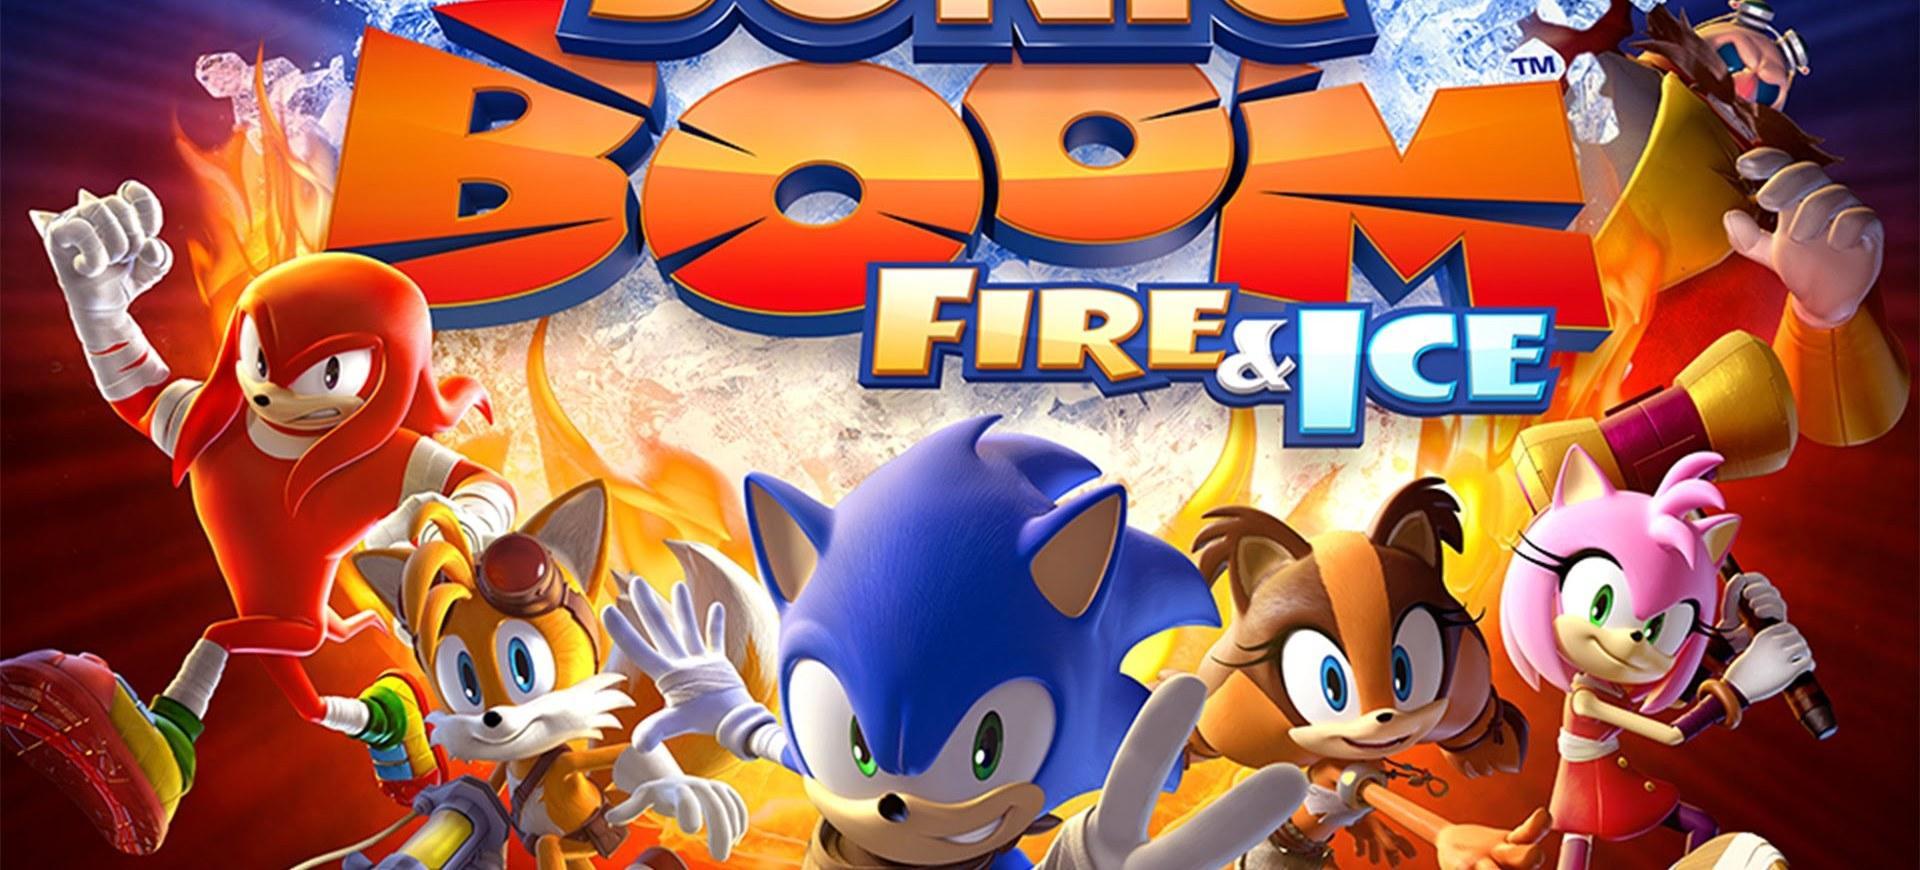 Sonic Boom: Fire and Ice sẽ ra mắt vào tháng 9 – Tin game